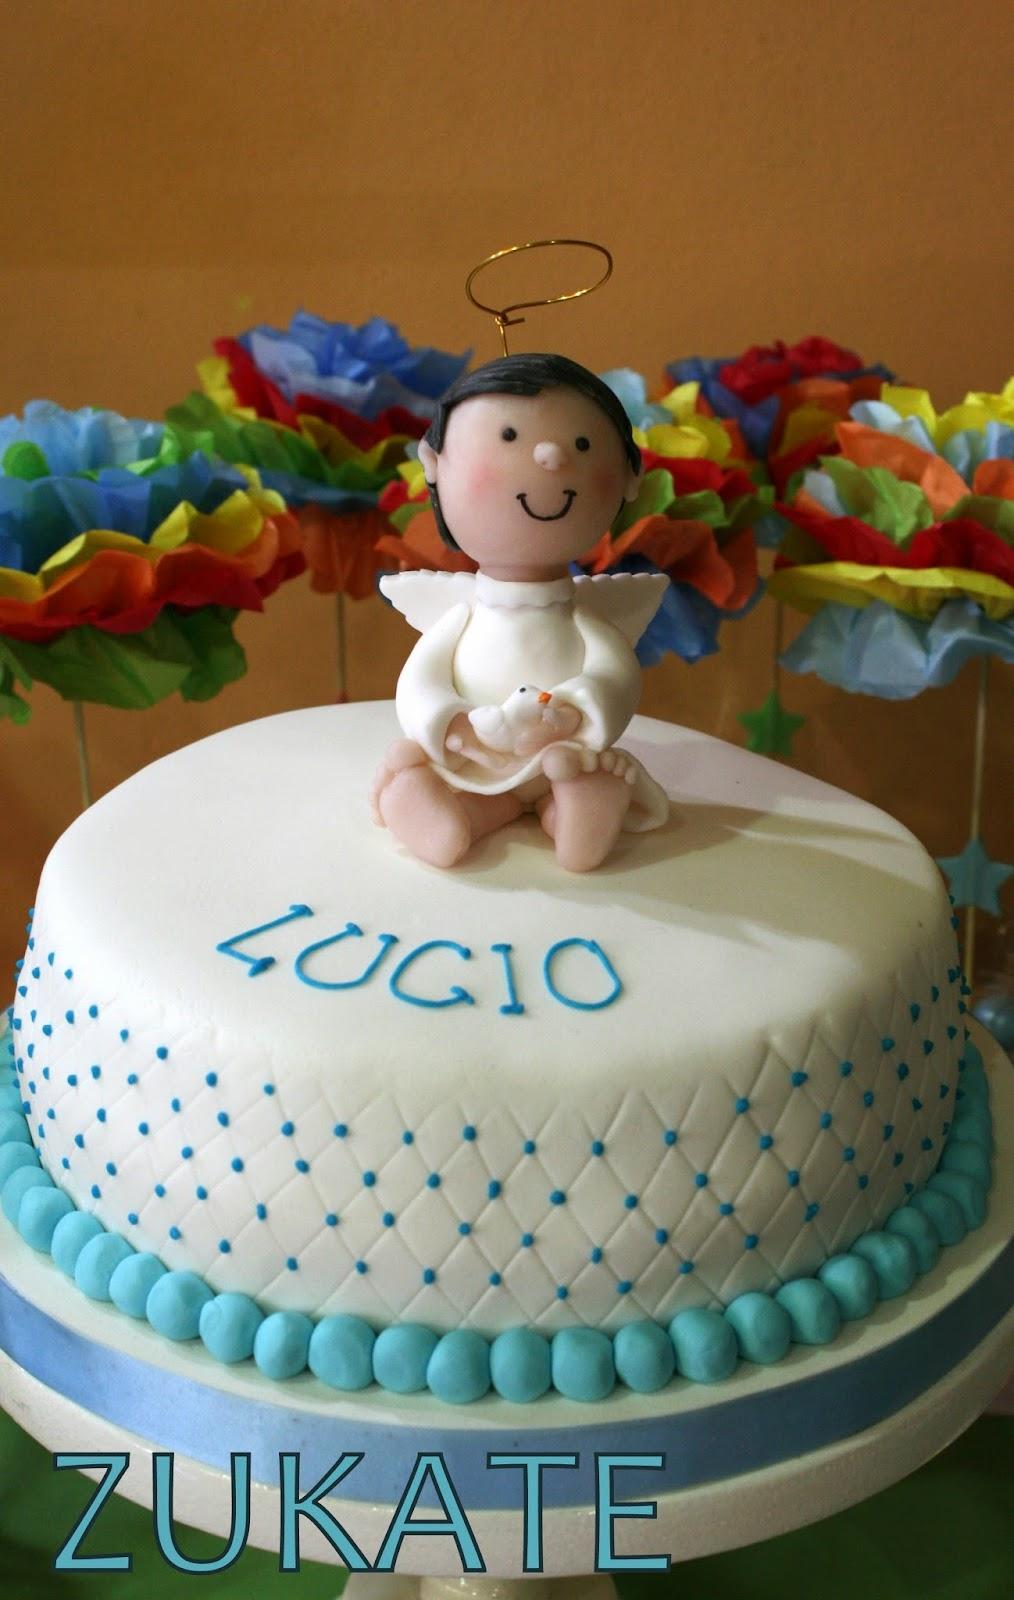 Zukate tortas de bautismo comuni n y confirmaci n for Tortas decoradas sencillas